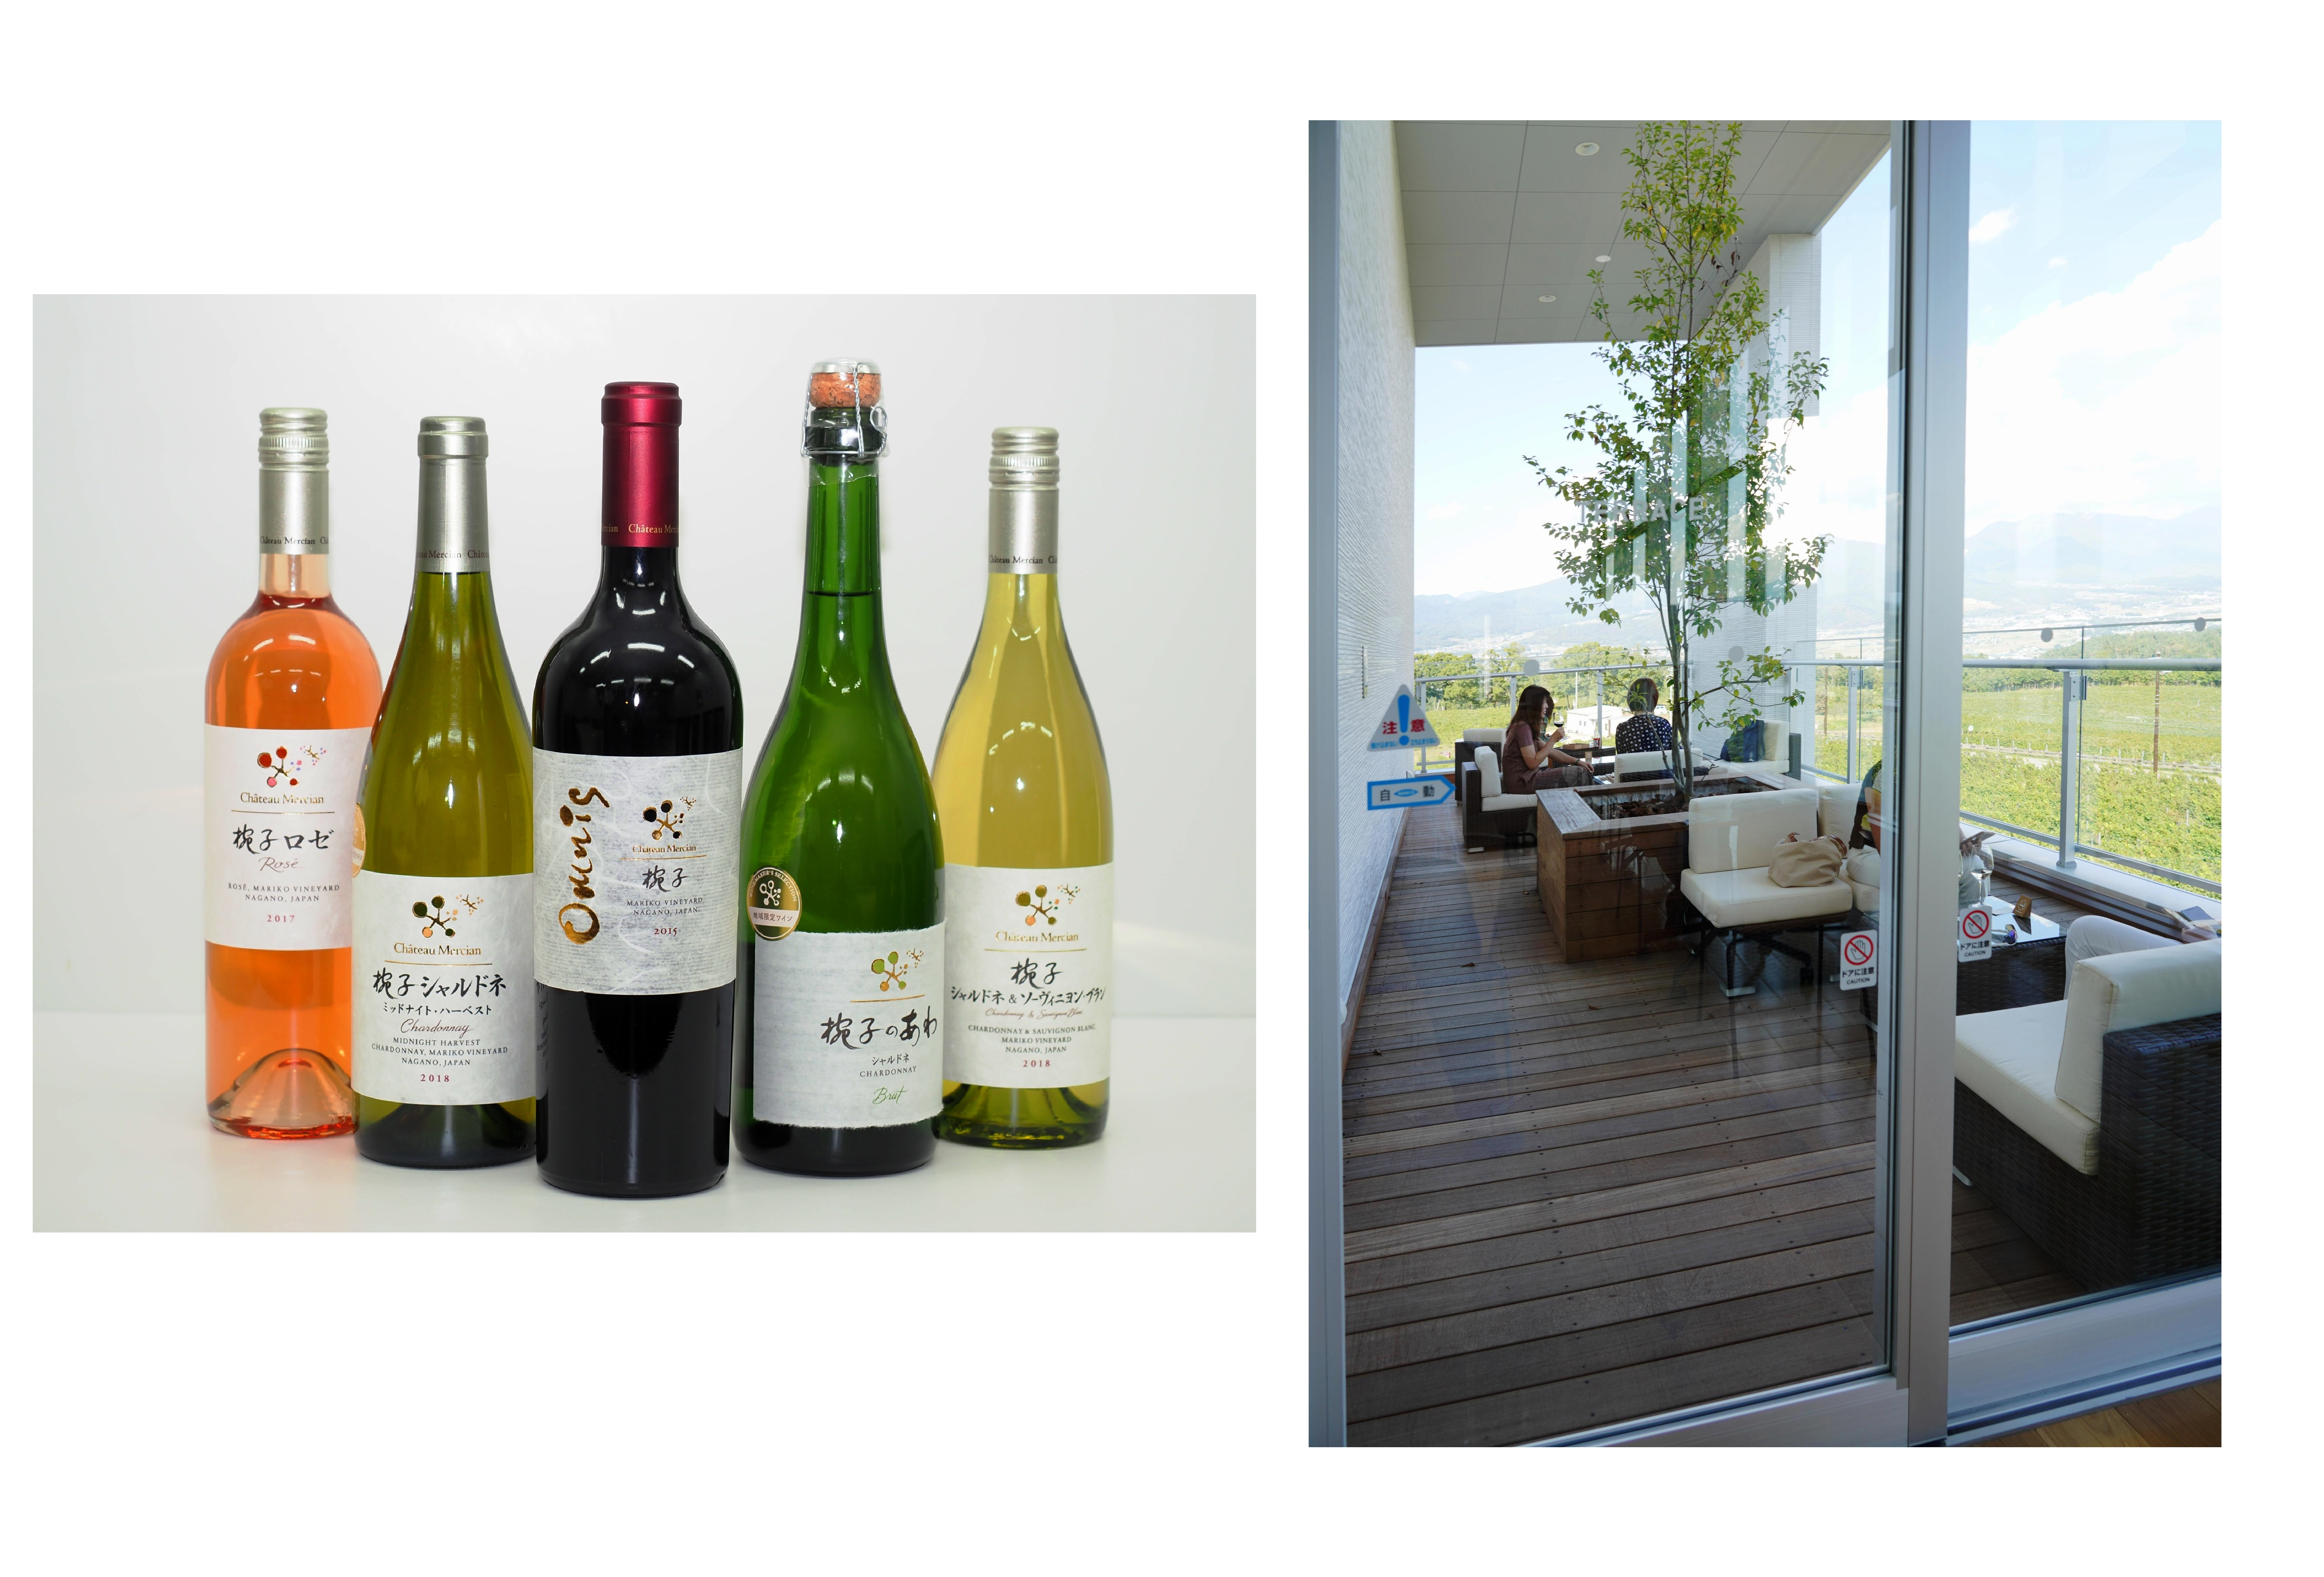 (左)椀子ワイナリーには、10種類程度のグラスワインが楽しめるテイスティングカウンターと、地域限定・ワイナリー限定などの希少なワインが購入できるワインショップも用意されている (右)「シャトー・メルシャン 椀子ワイナリー」には、広大なブドウ畑と自然の壮大な景観を楽しめるテラスが。趣向を凝らしたワイナリーツアーも用意され、観光にもお勧め